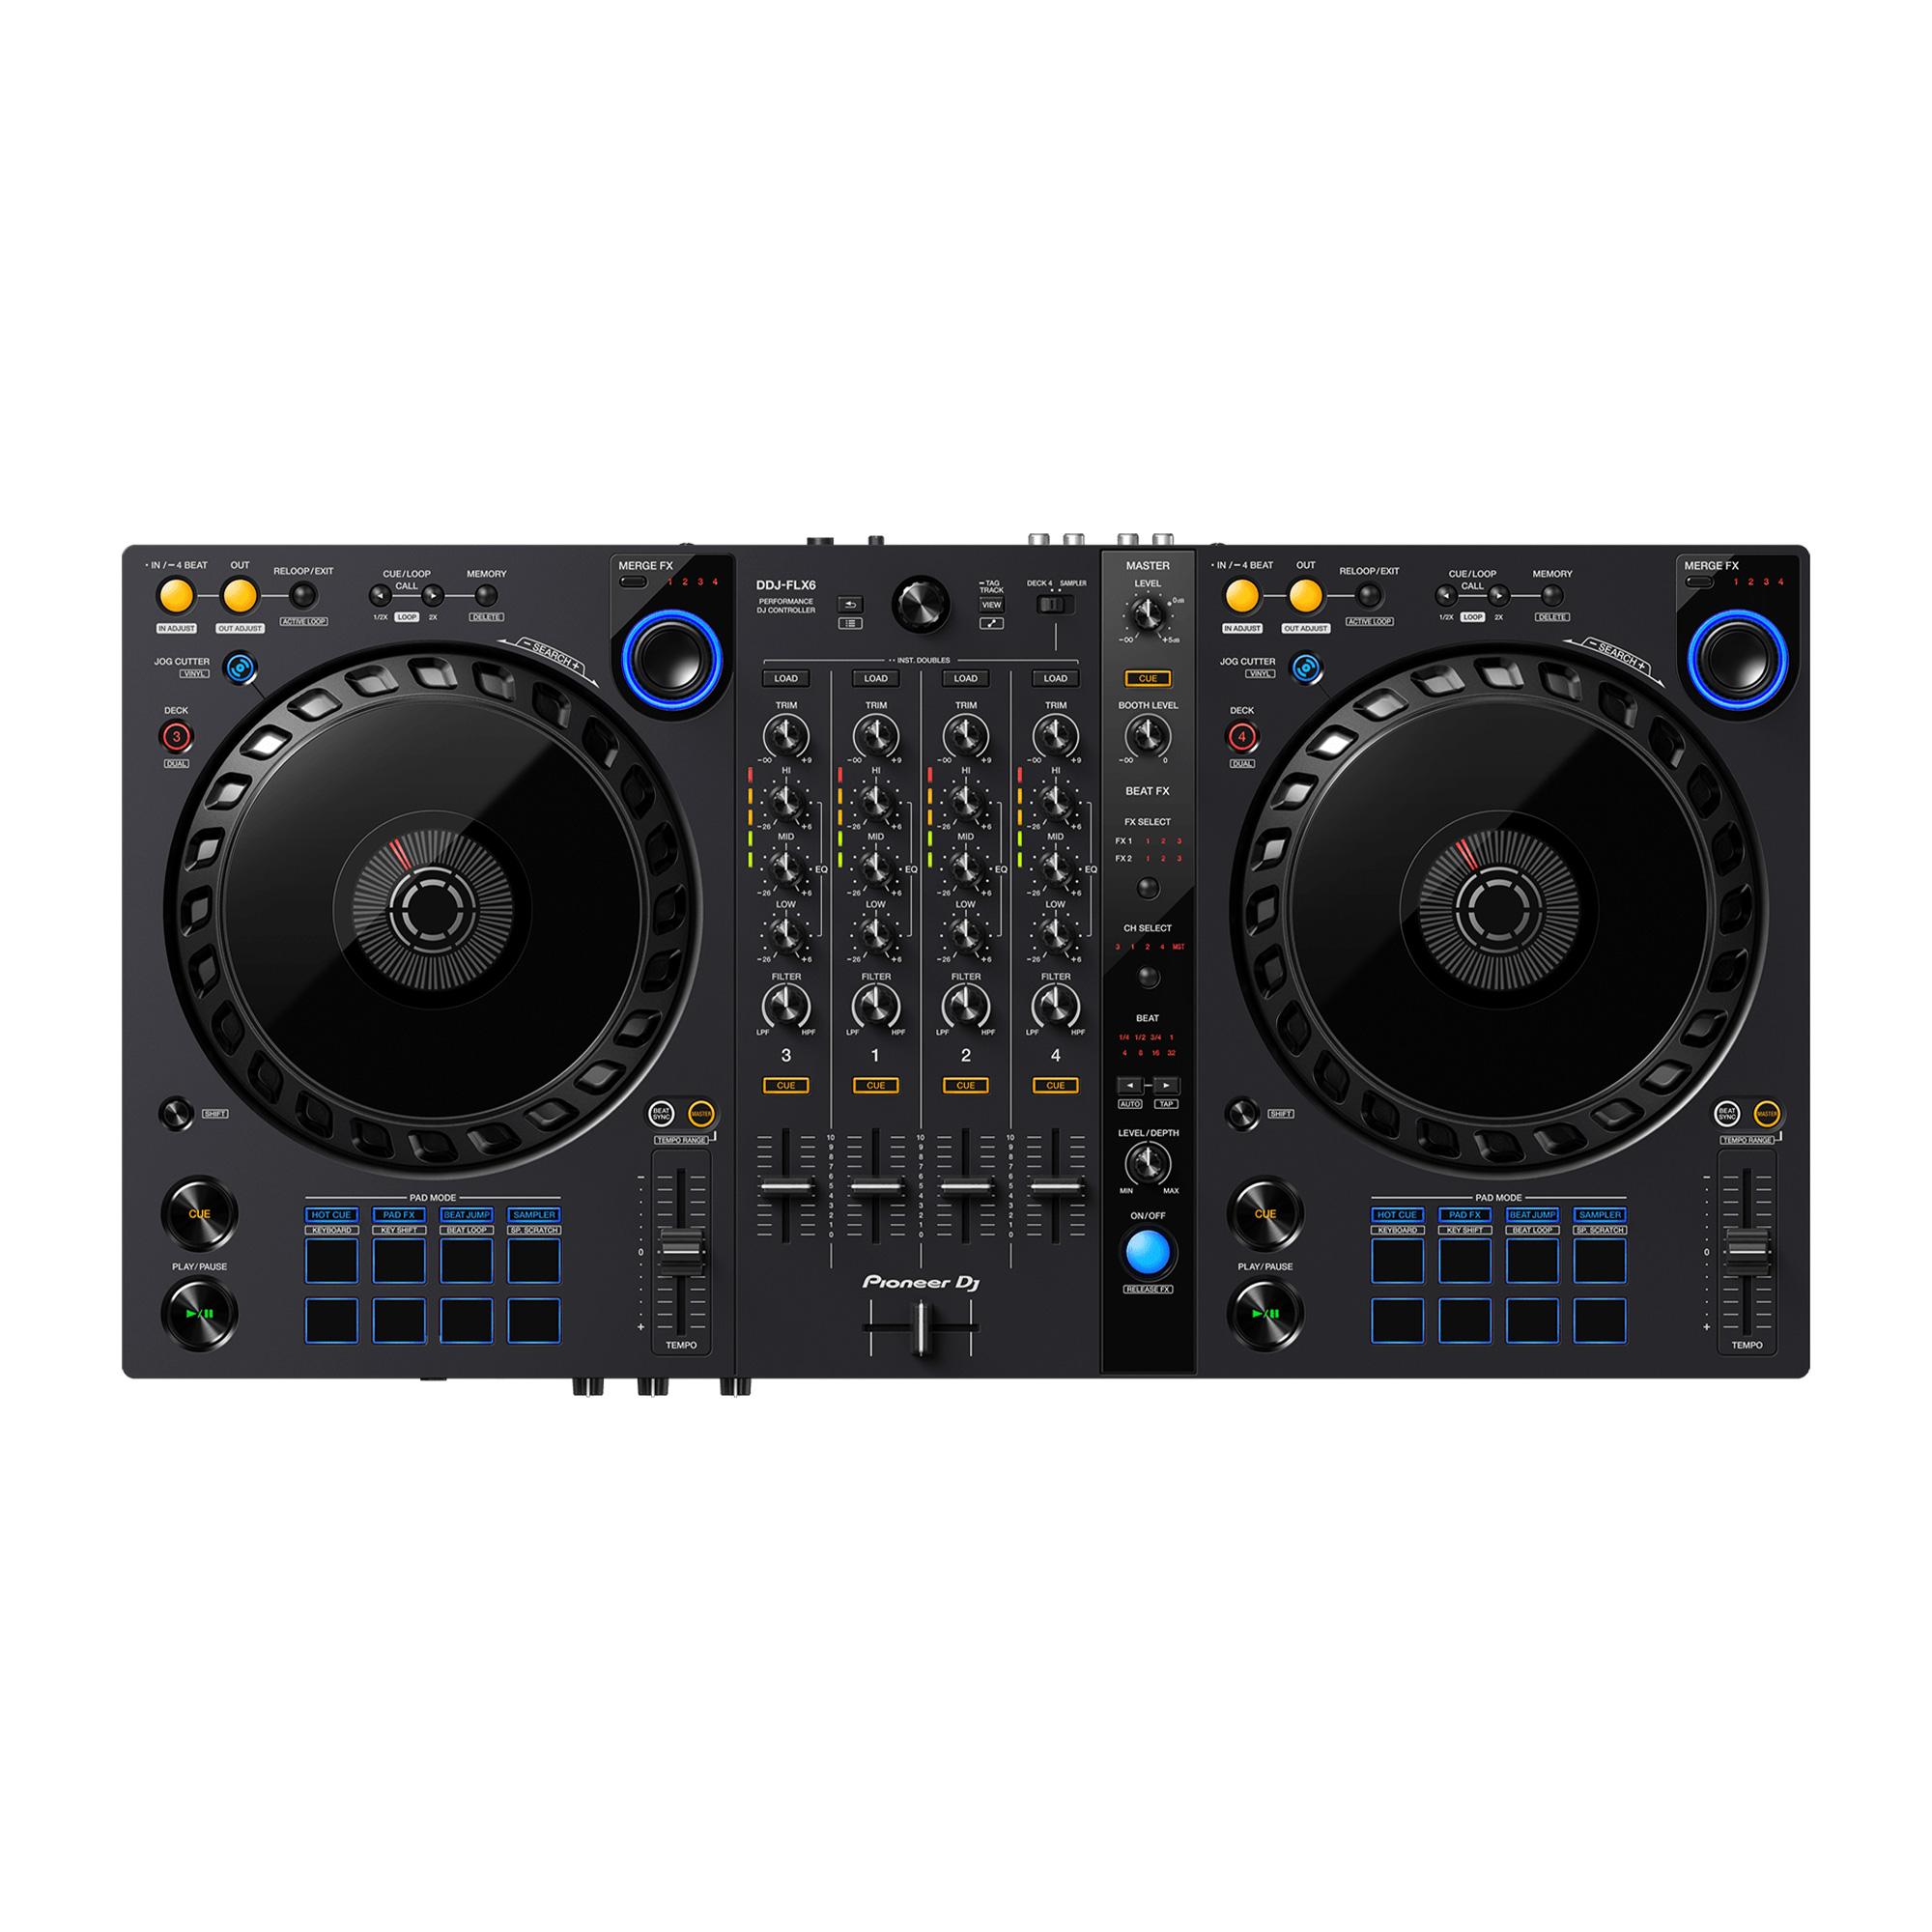 【限定2台】Pioneer DJ(パイオニア) / DDJ-FLX6の商品レビュー評価はこちら